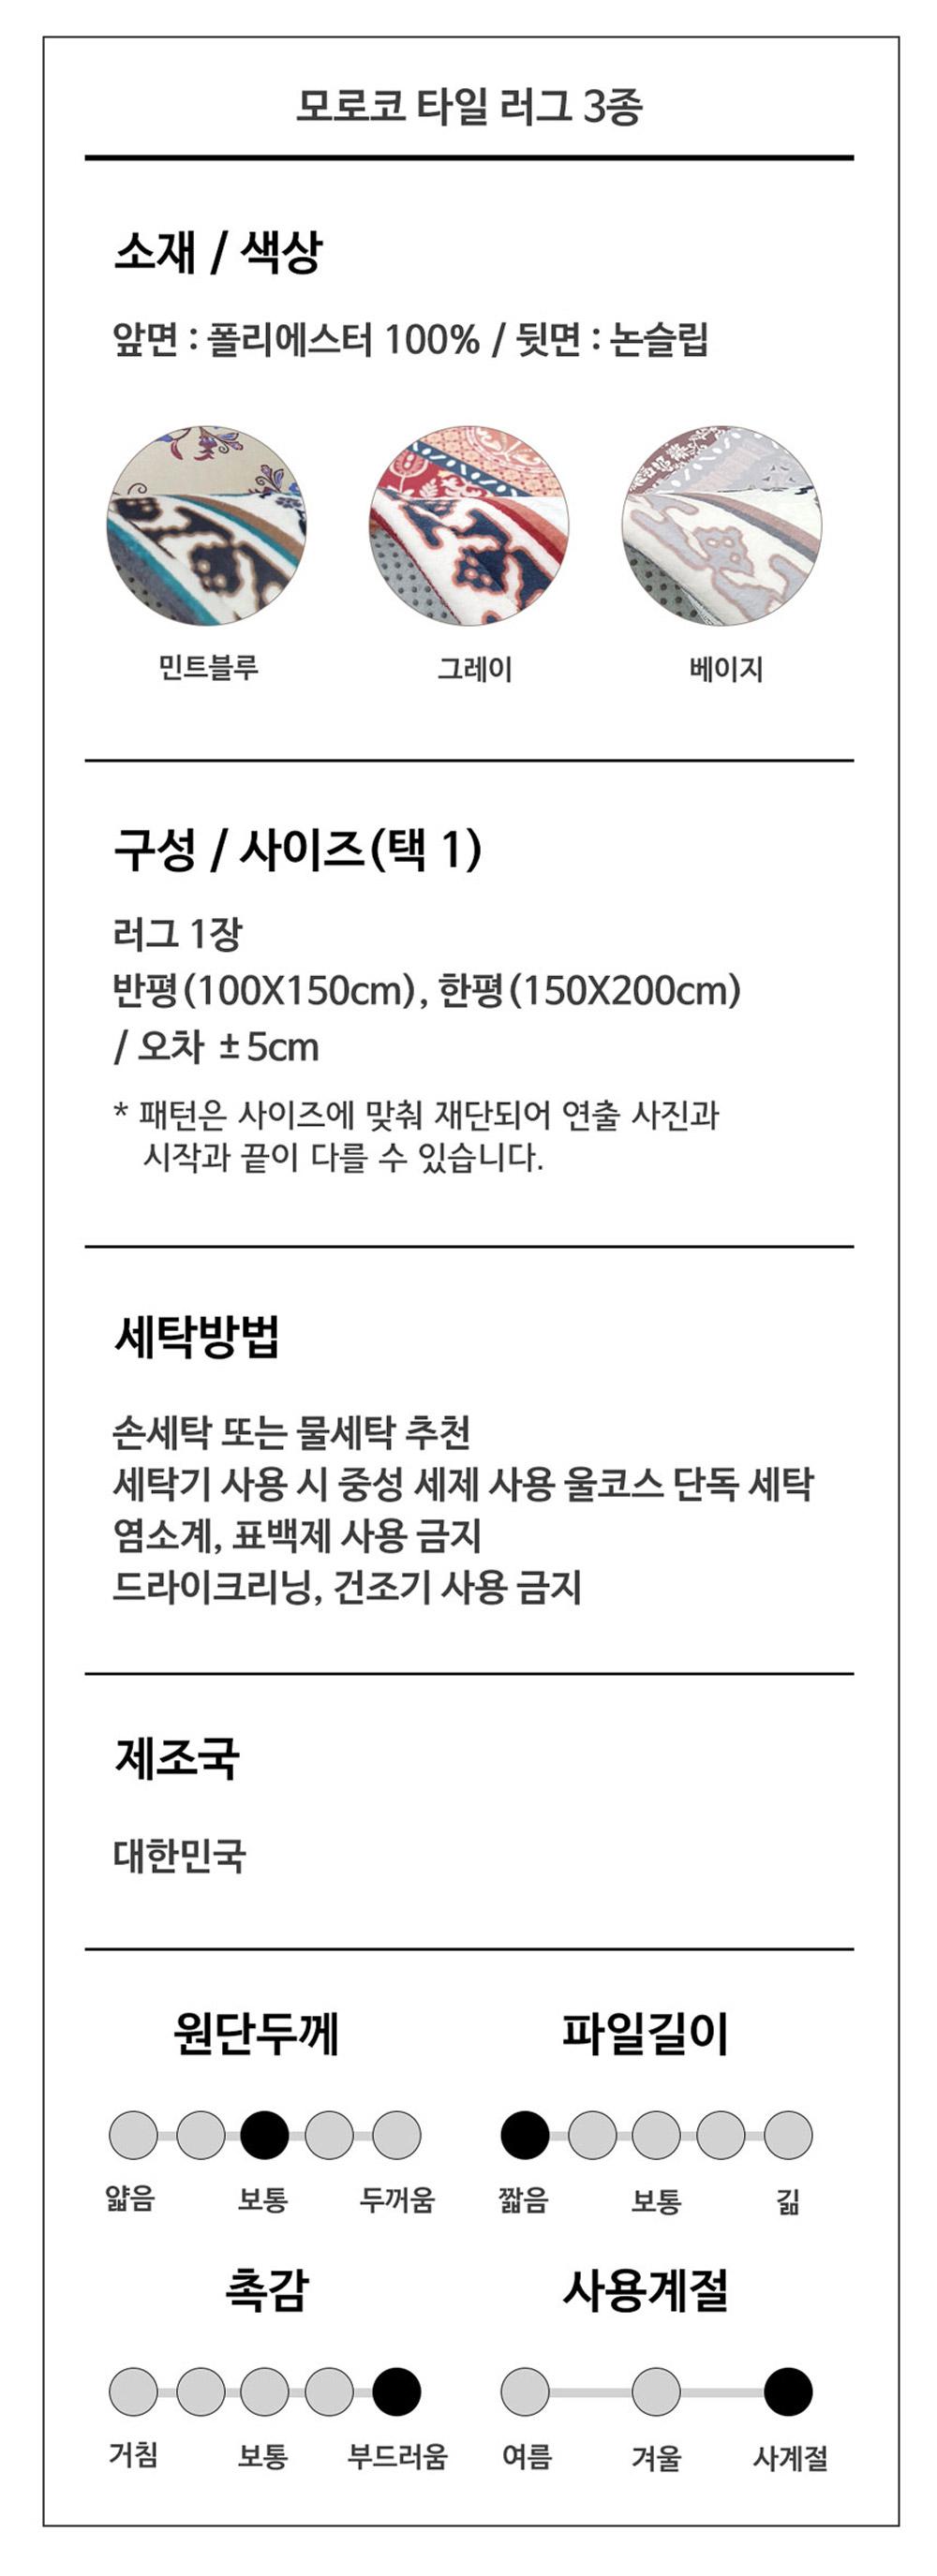 모로코 타일 모로칸러그 페르시안카페트 150X200cm - 리빙몽드, 67,900원, 디자인러그, 면/워싱 카페트